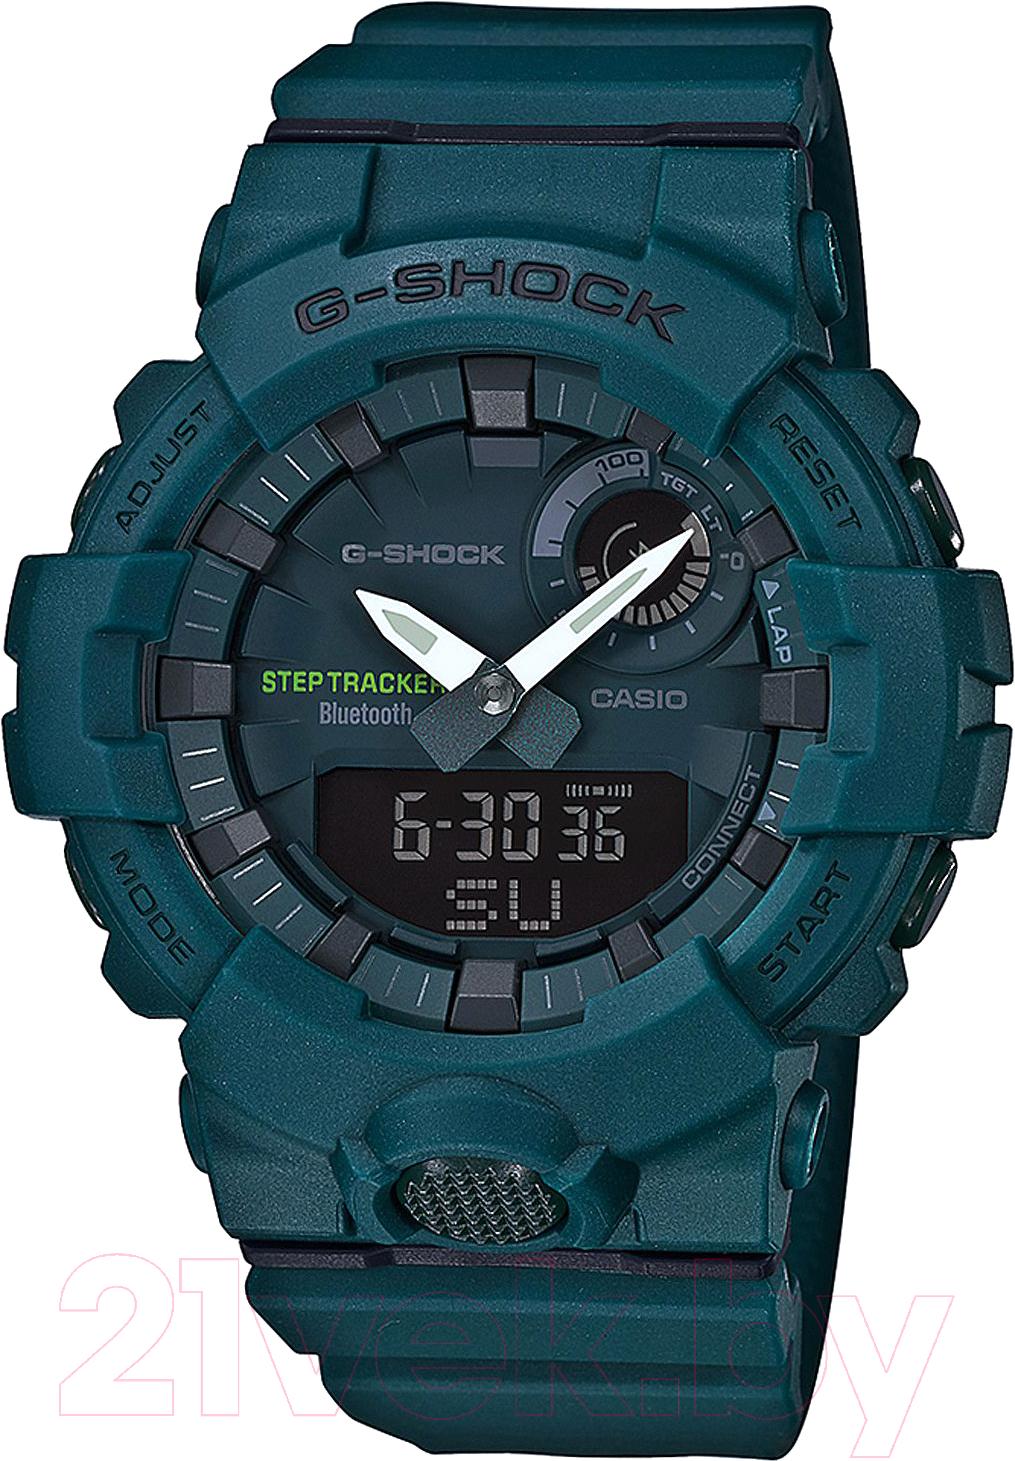 Купить Часы наручные мужские Casio, GBA-800-3AER, Китай